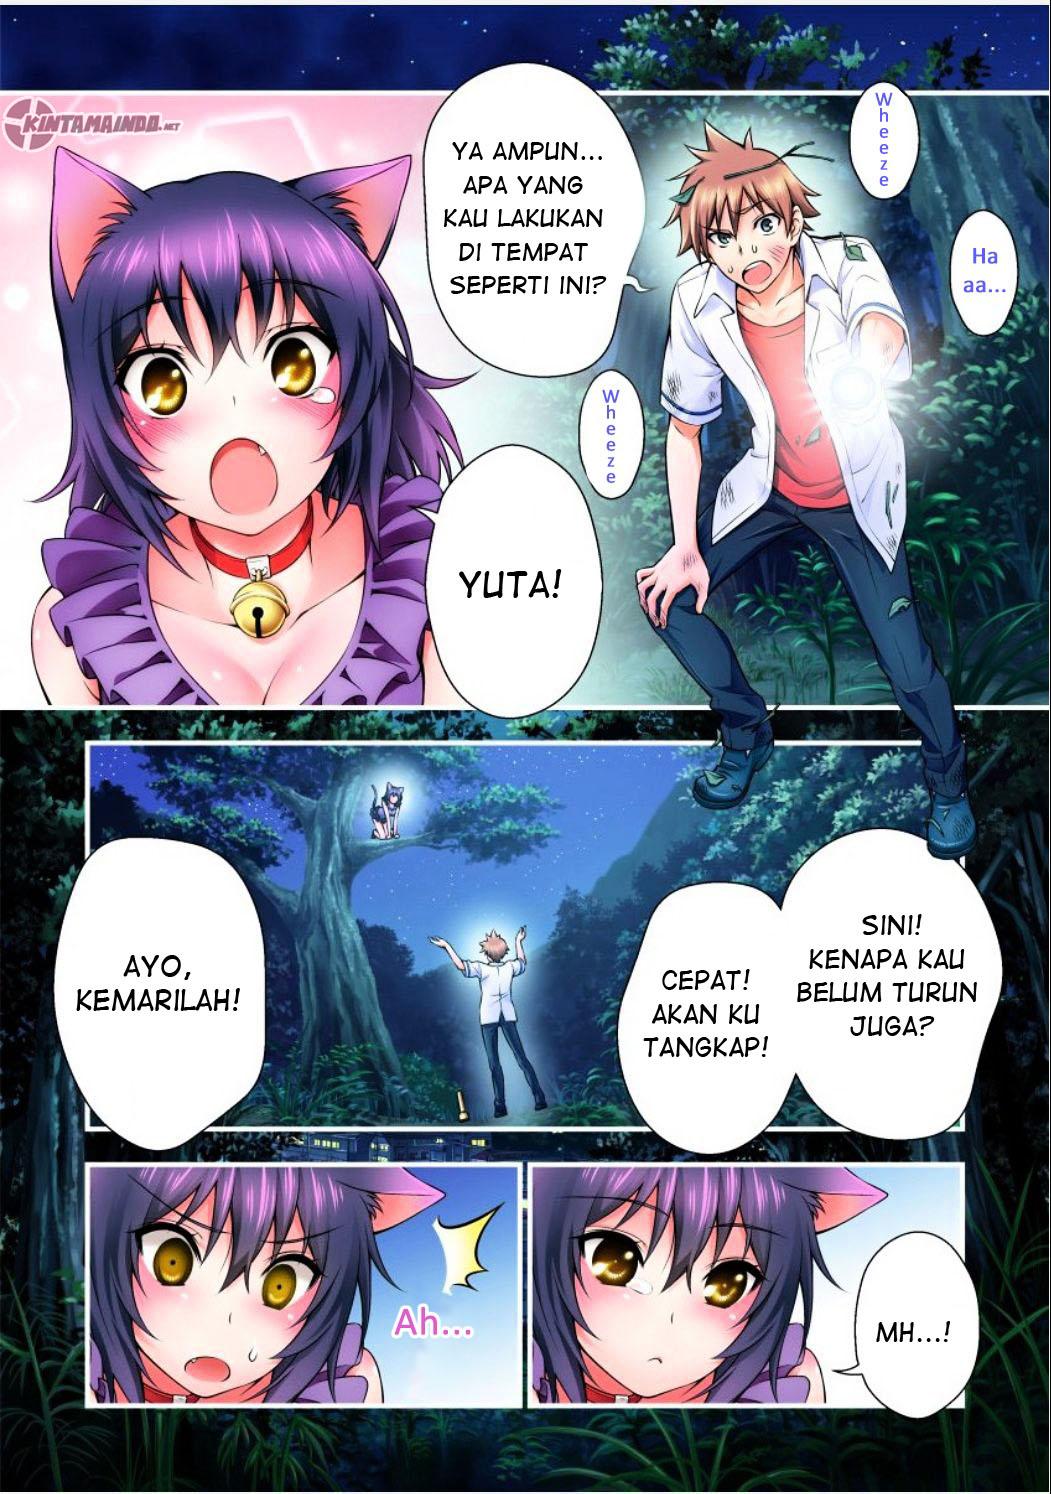 Nikukyuu Chapter 02